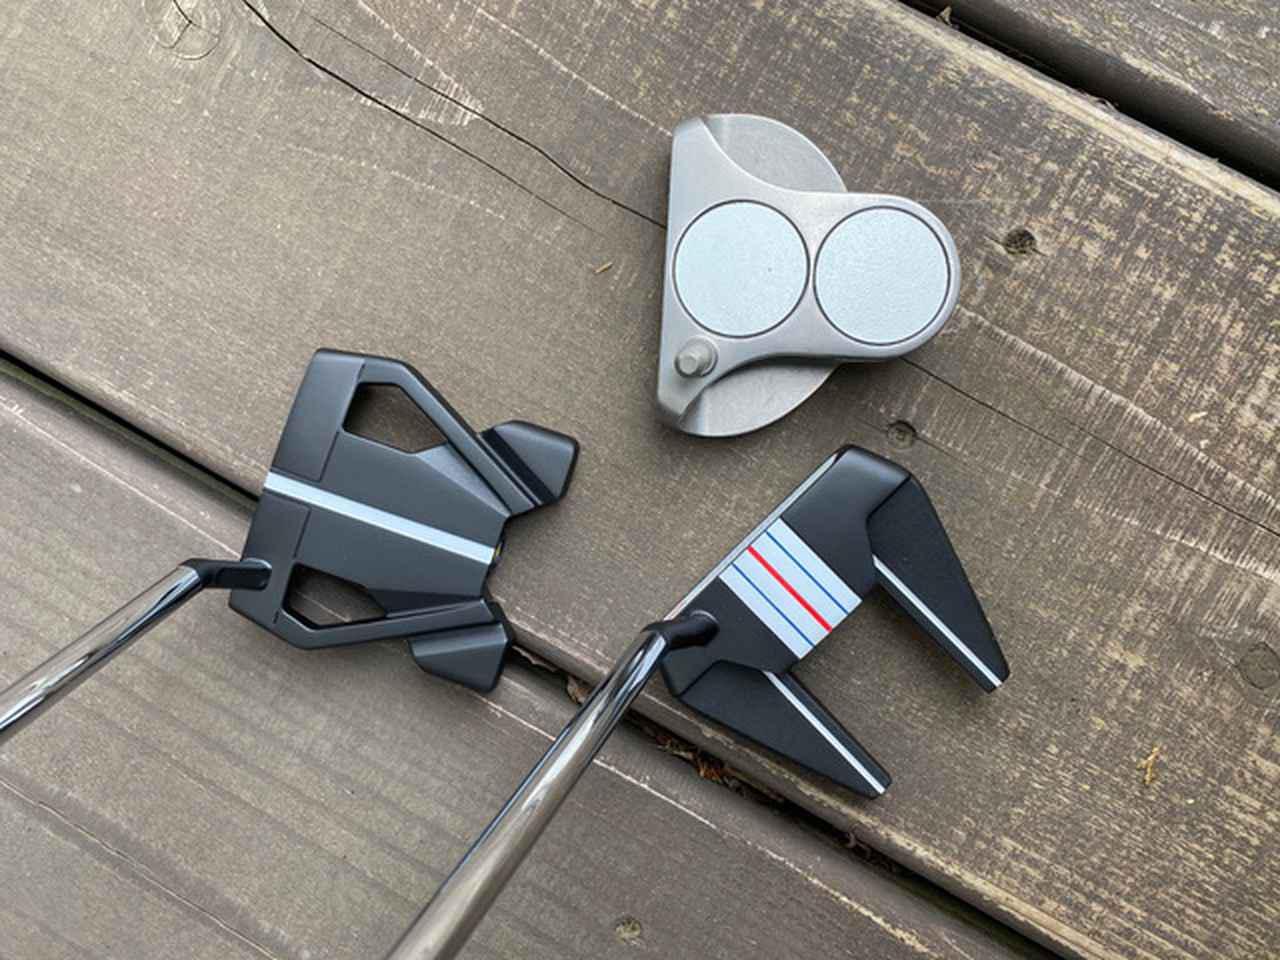 画像: 奇抜なディスクアライメントを定番マレット「ロッシー」を土台に表現した、初代「2ボール」パター(上)。このモデルのヒットでネオ・マレットデザインにゴルファーが慣れていったことが、現在の大型パターデザインの開発につながっている